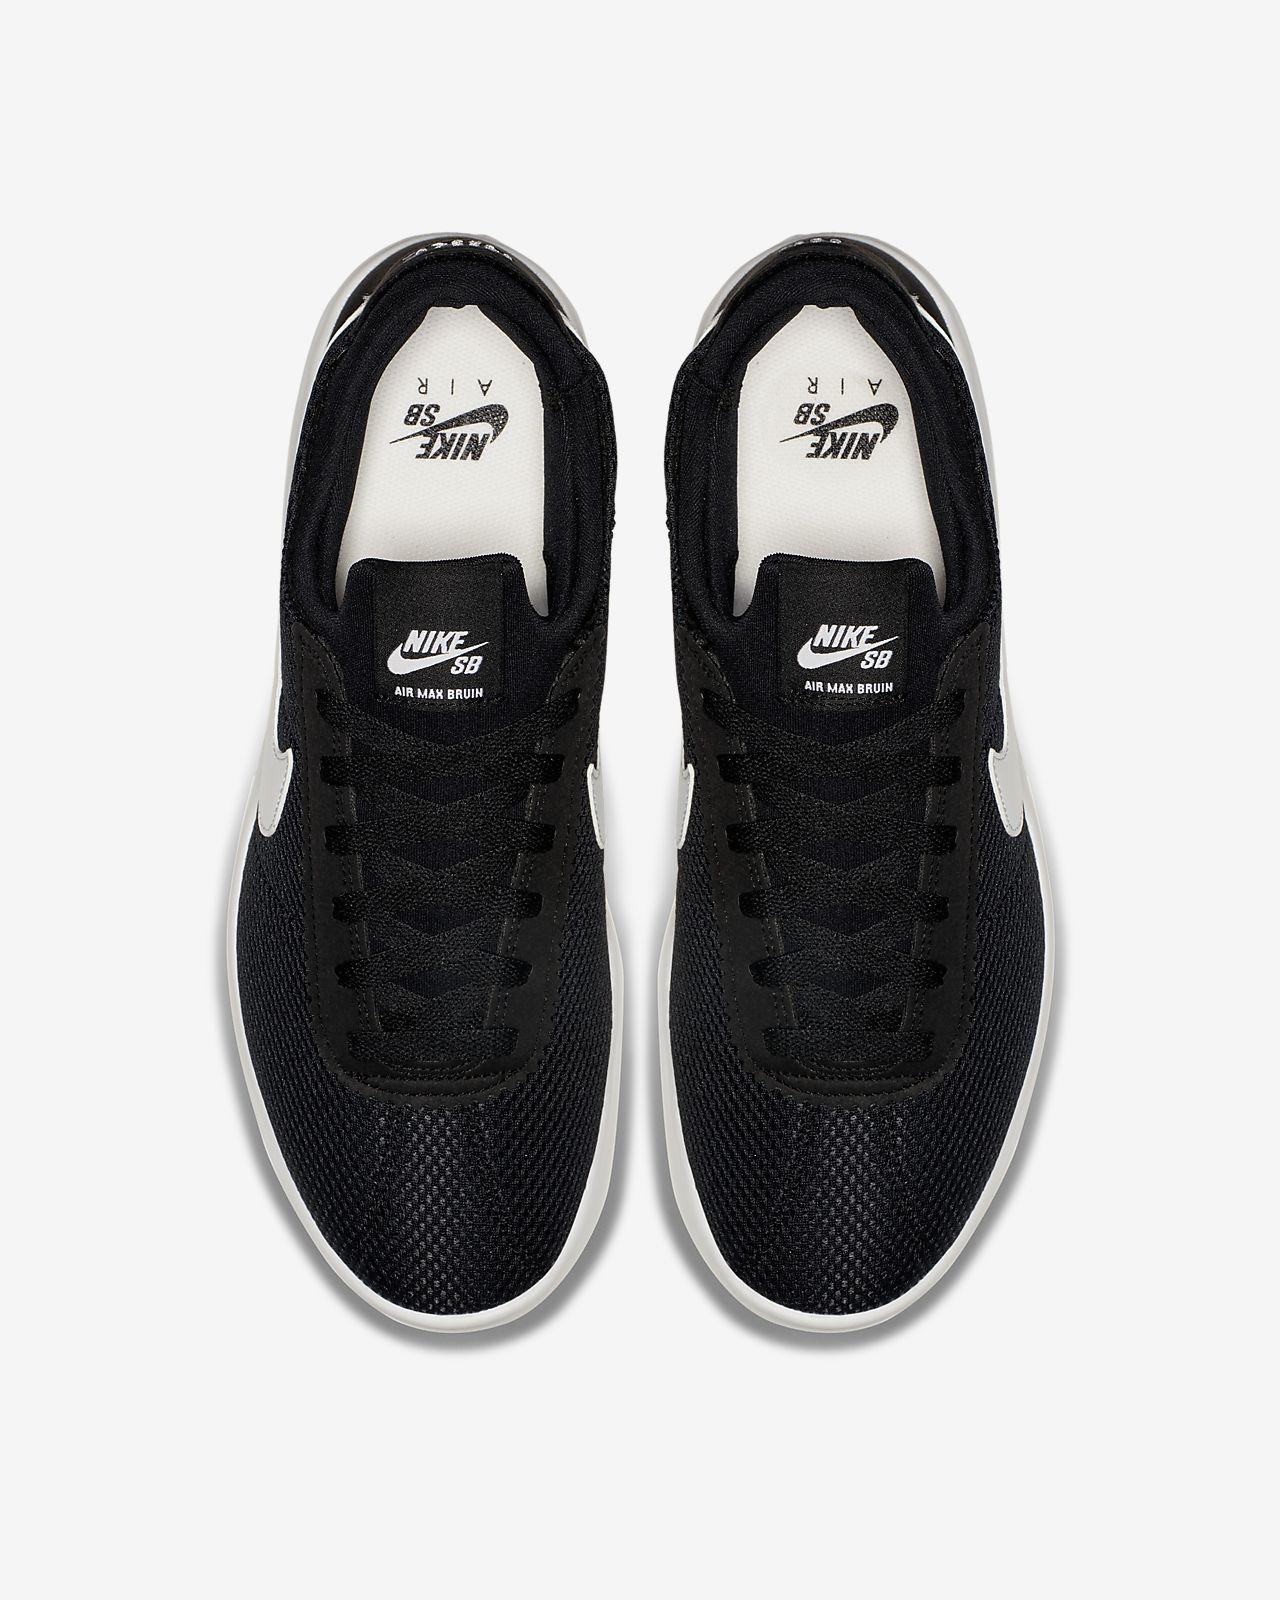 e1f3ce6e5810 Nike SB Air Max Bruin Vapor Men s Skate Shoe. Nike.com GB